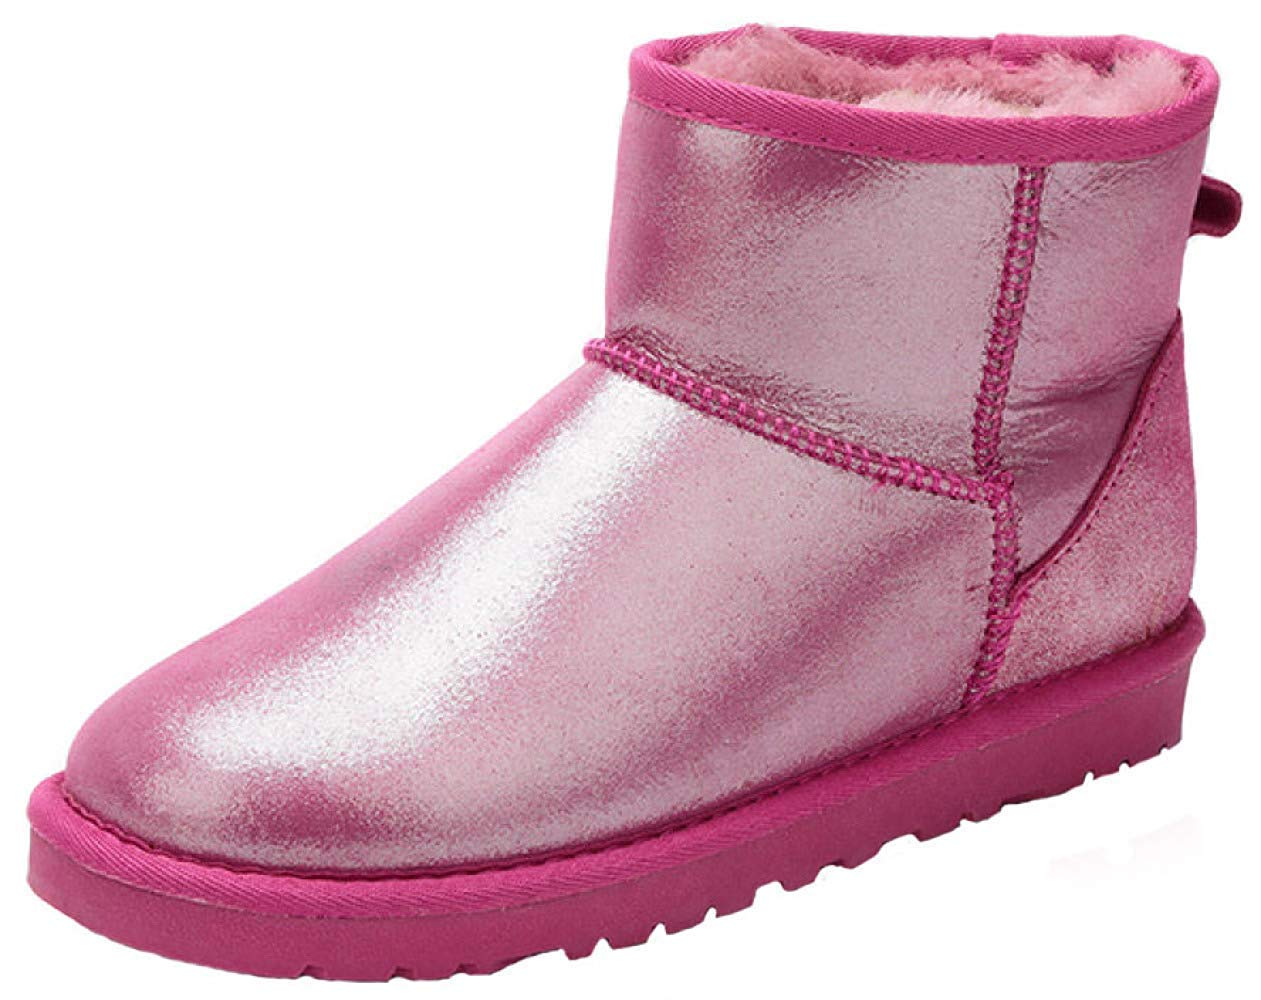 Qiusa Bottes de Neige en Cuir épaisses et Chaudes Chaudes Chaudes pour Femmes en Cuir (Couleuré   1, Taille   38EU) ddf